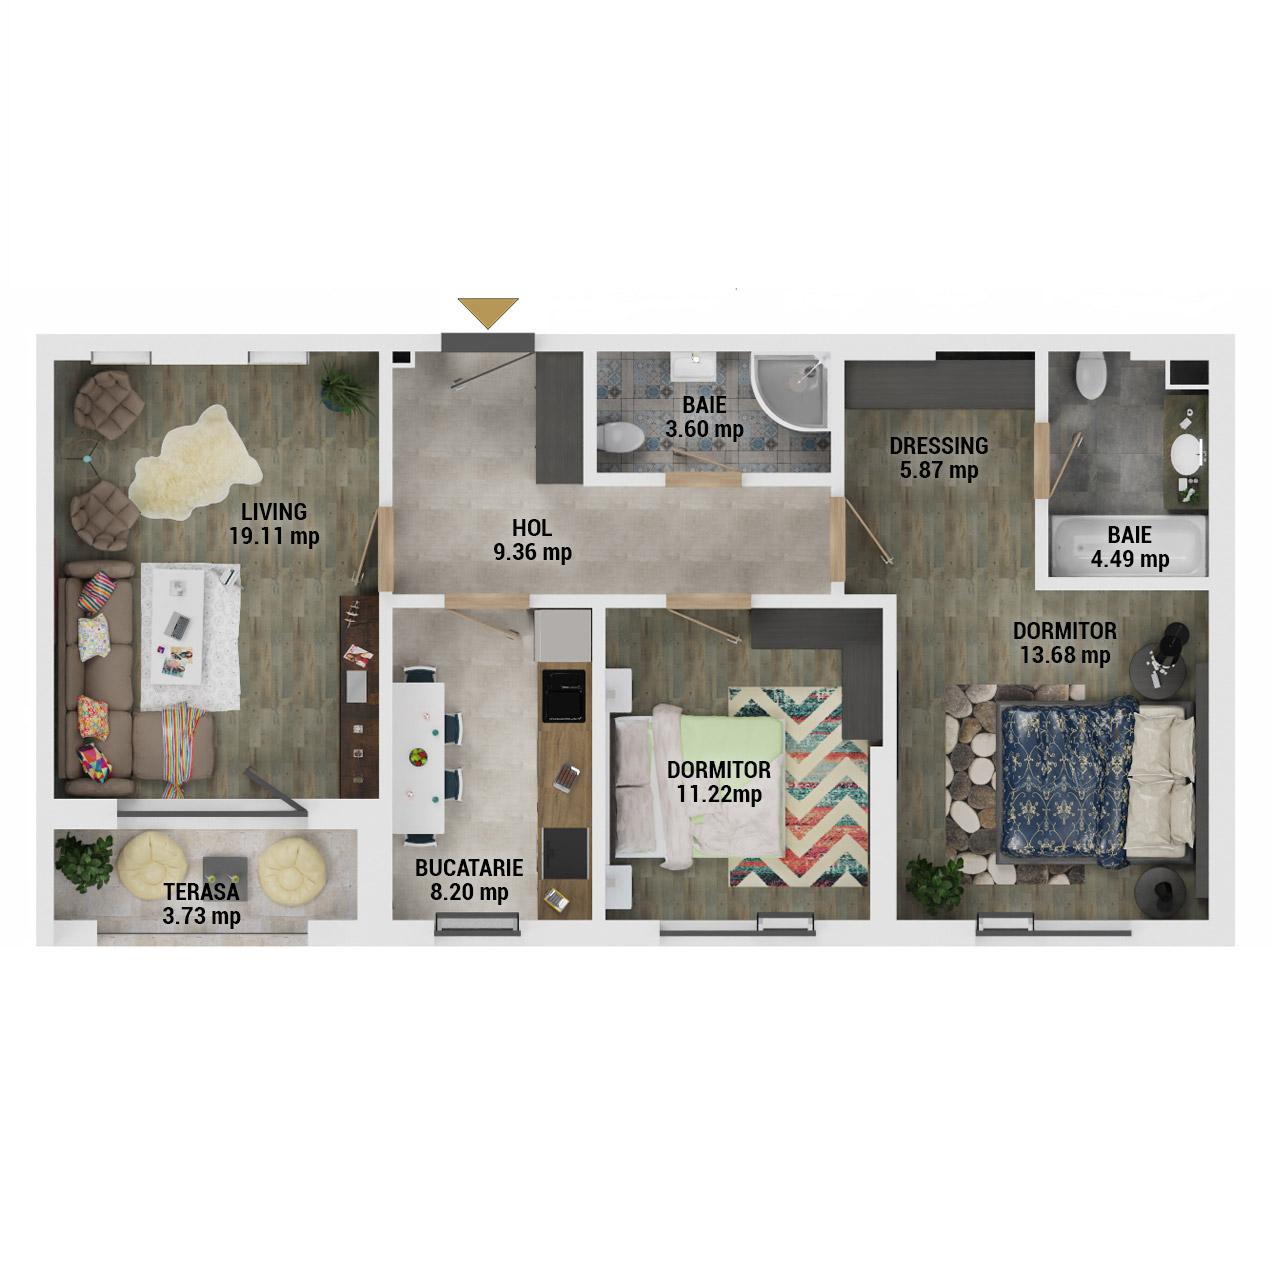 Apartamente 3 camere de vanzare Bucuresti - Uverturii Residence - Militari - Lujerului - Gorjului - Tip 1D - T2 - D